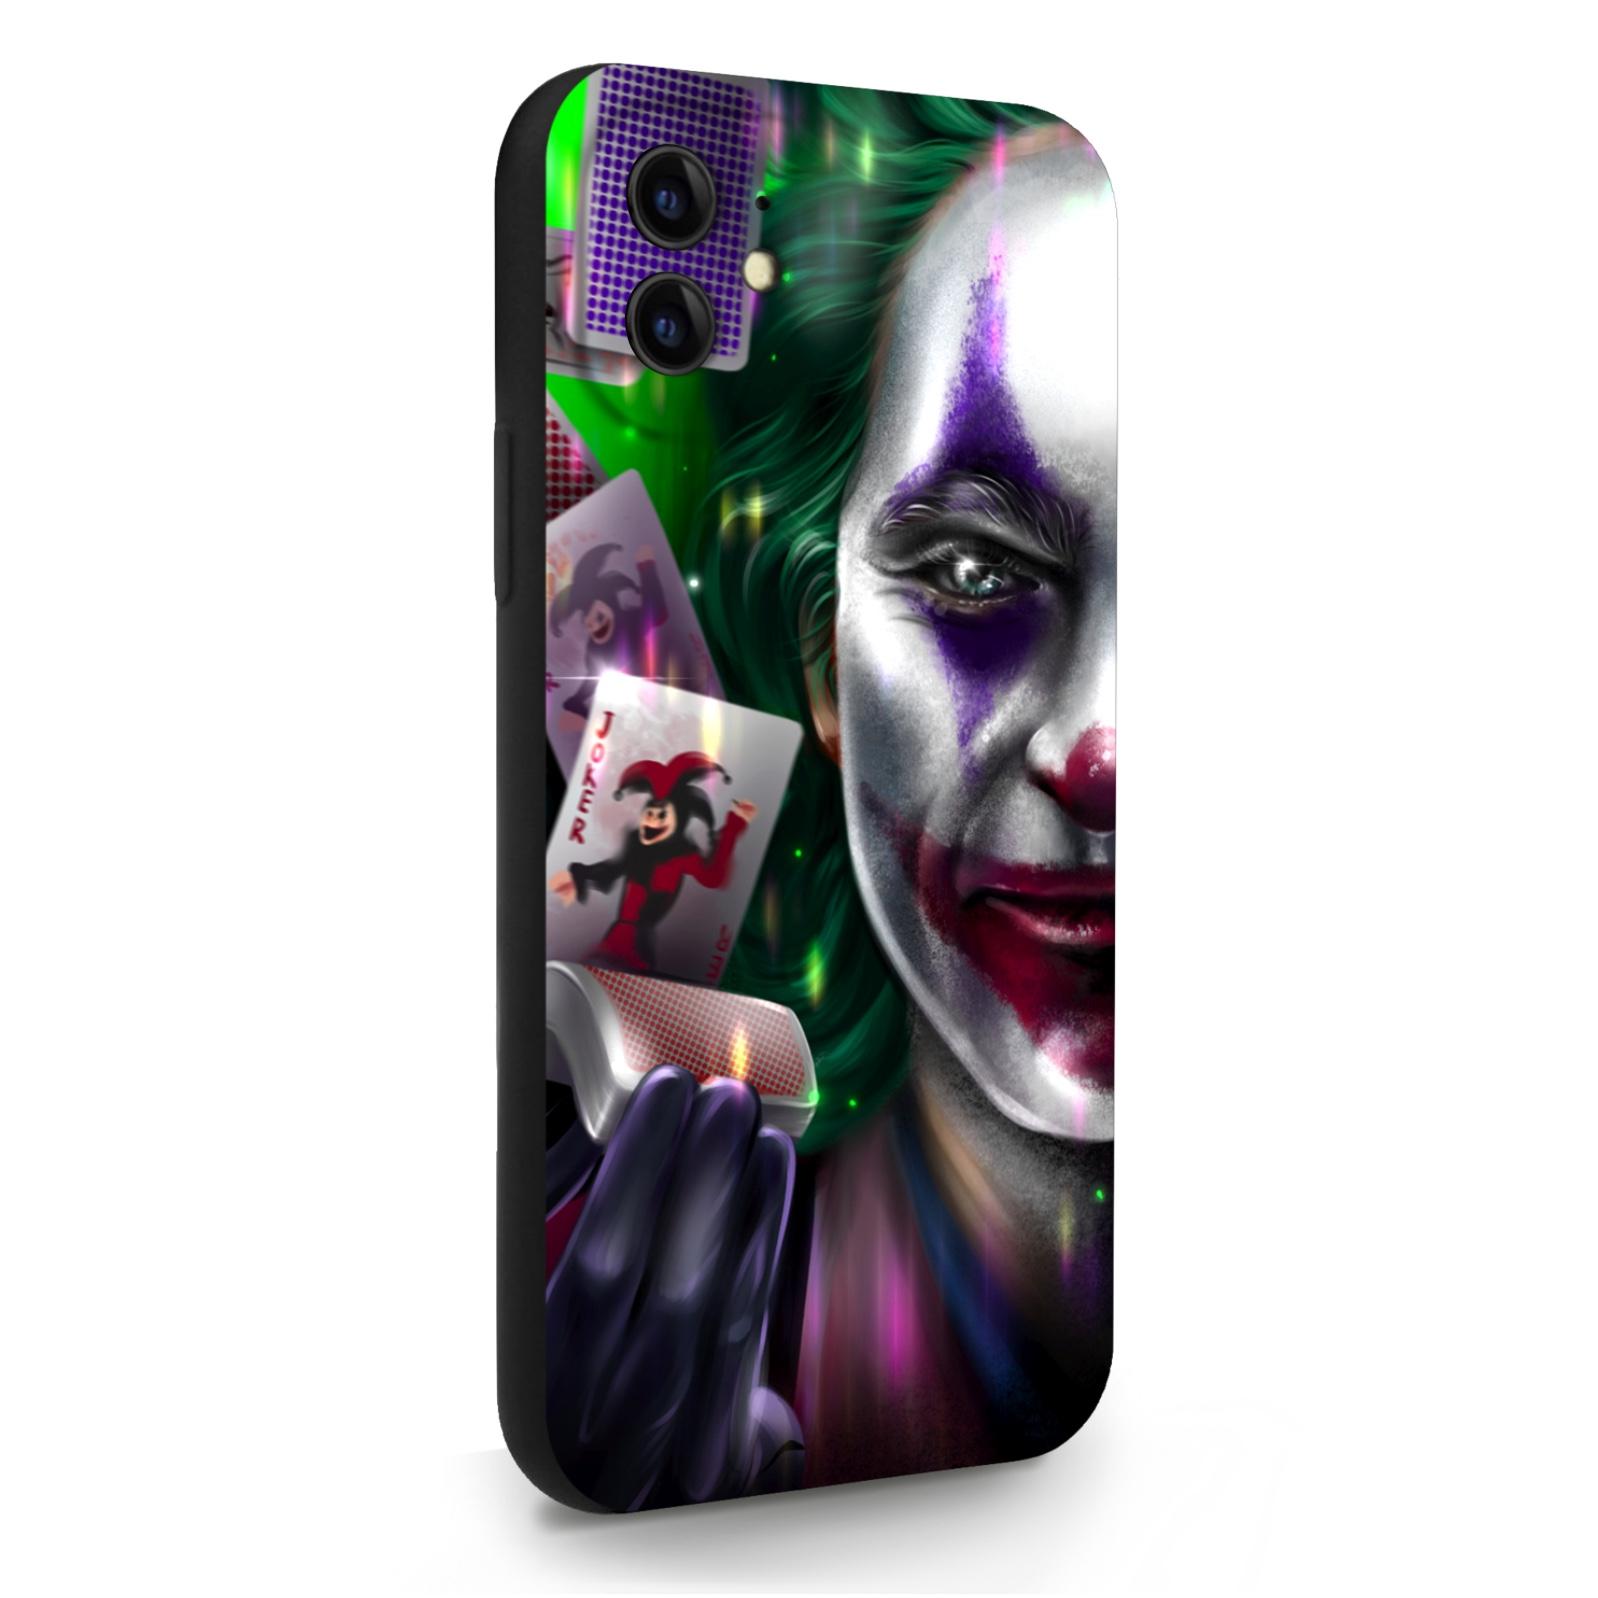 Черный силиконовый чехол для iPhone 11 Joker/ Джокер для Айфон 11